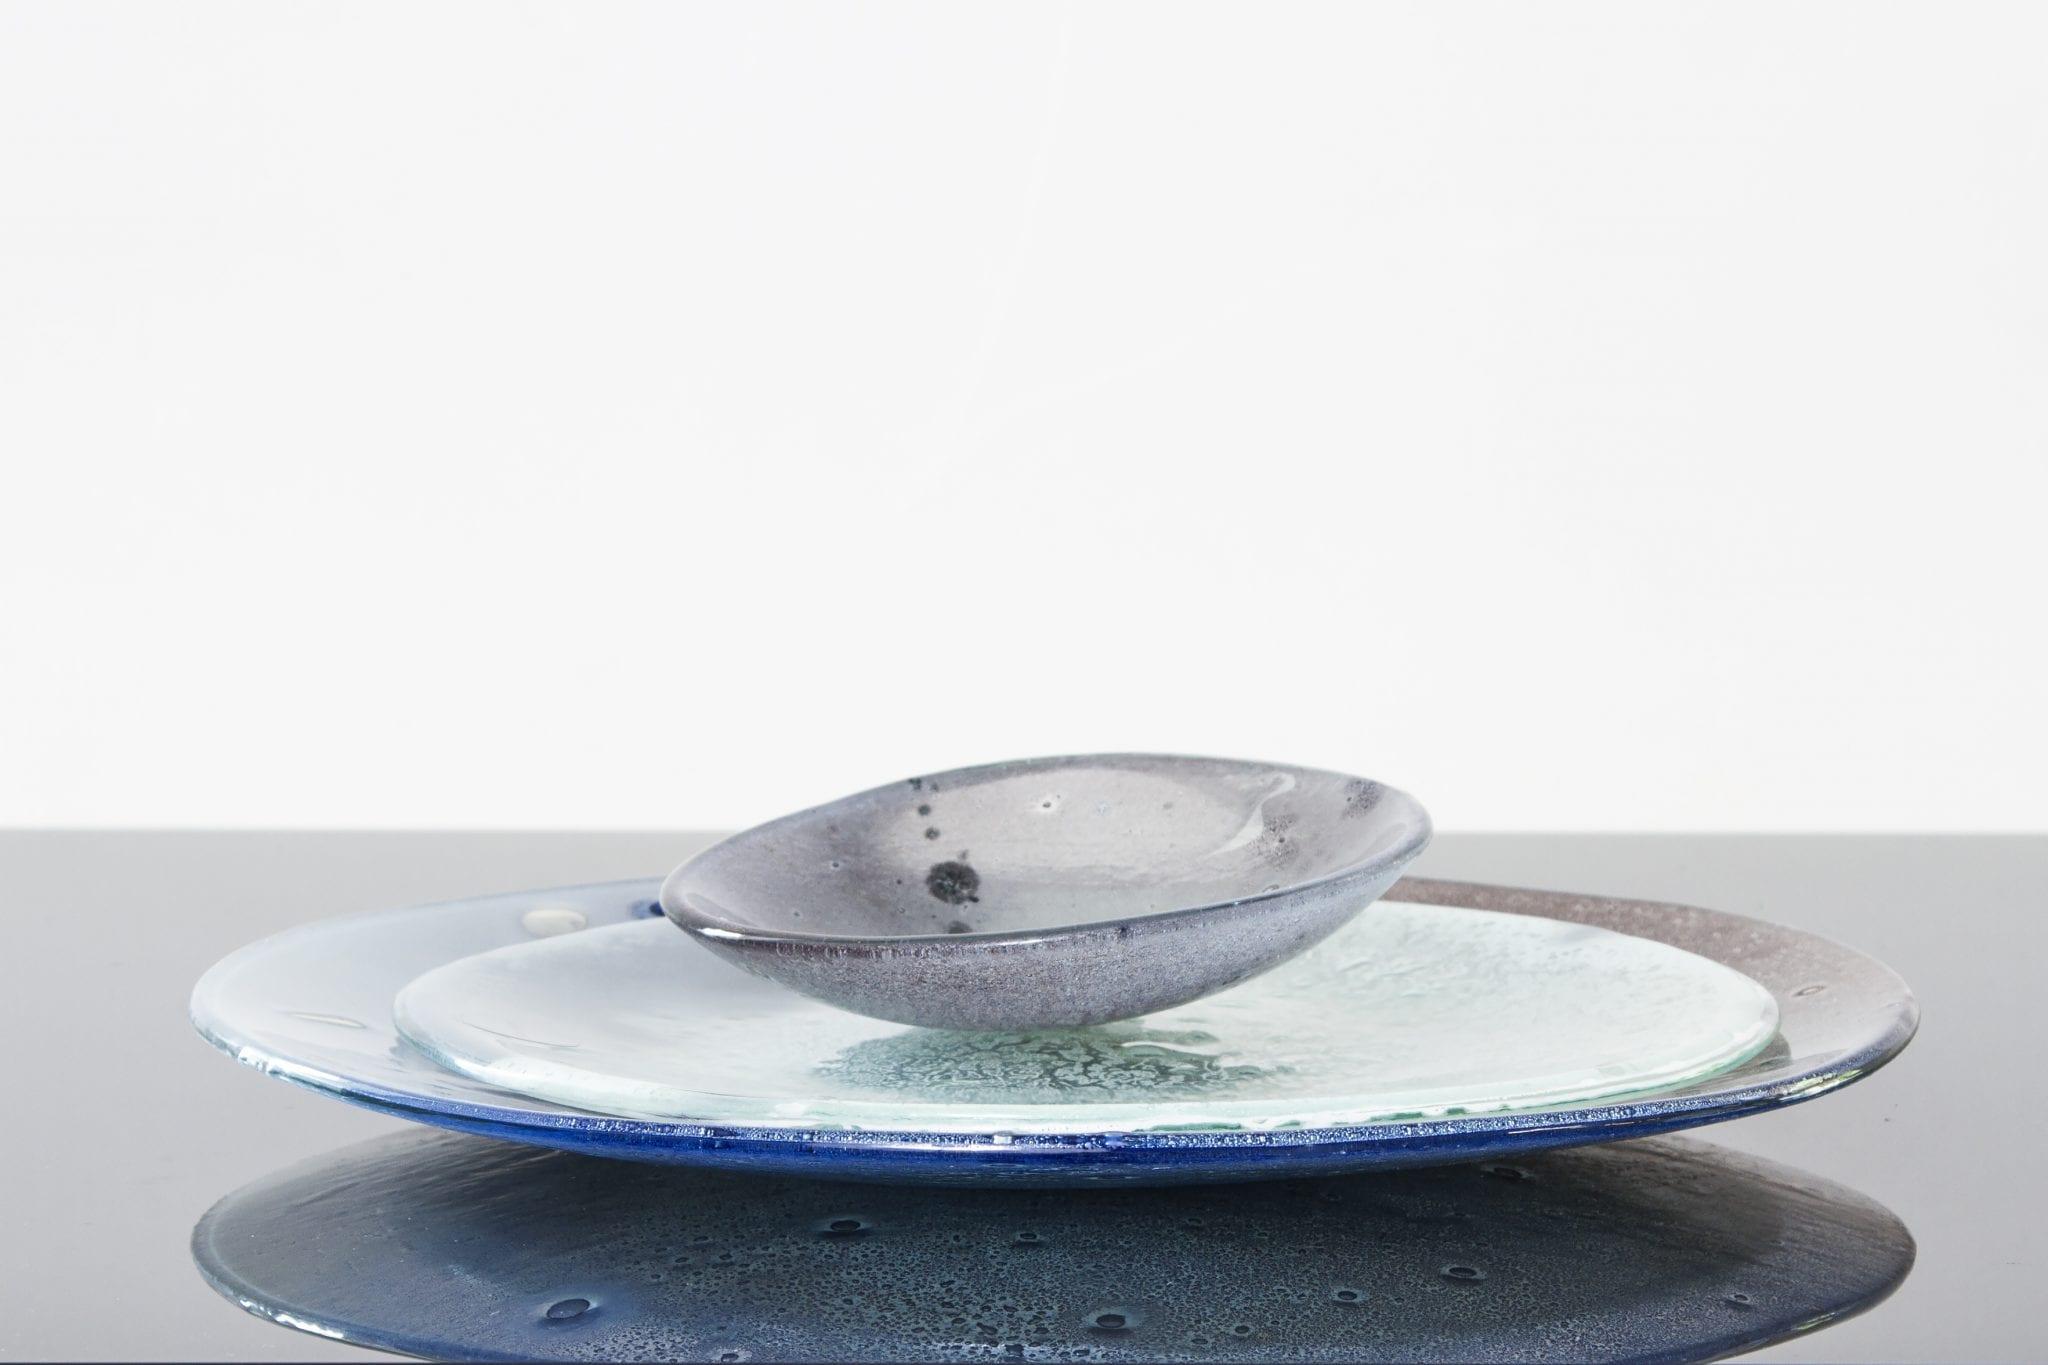 """Коллекция """"Всплеск цветов"""". Набор стеклянной посуды. Выберите индивидуальную форму, размер и цвет. Ручная работа. Glass Point"""